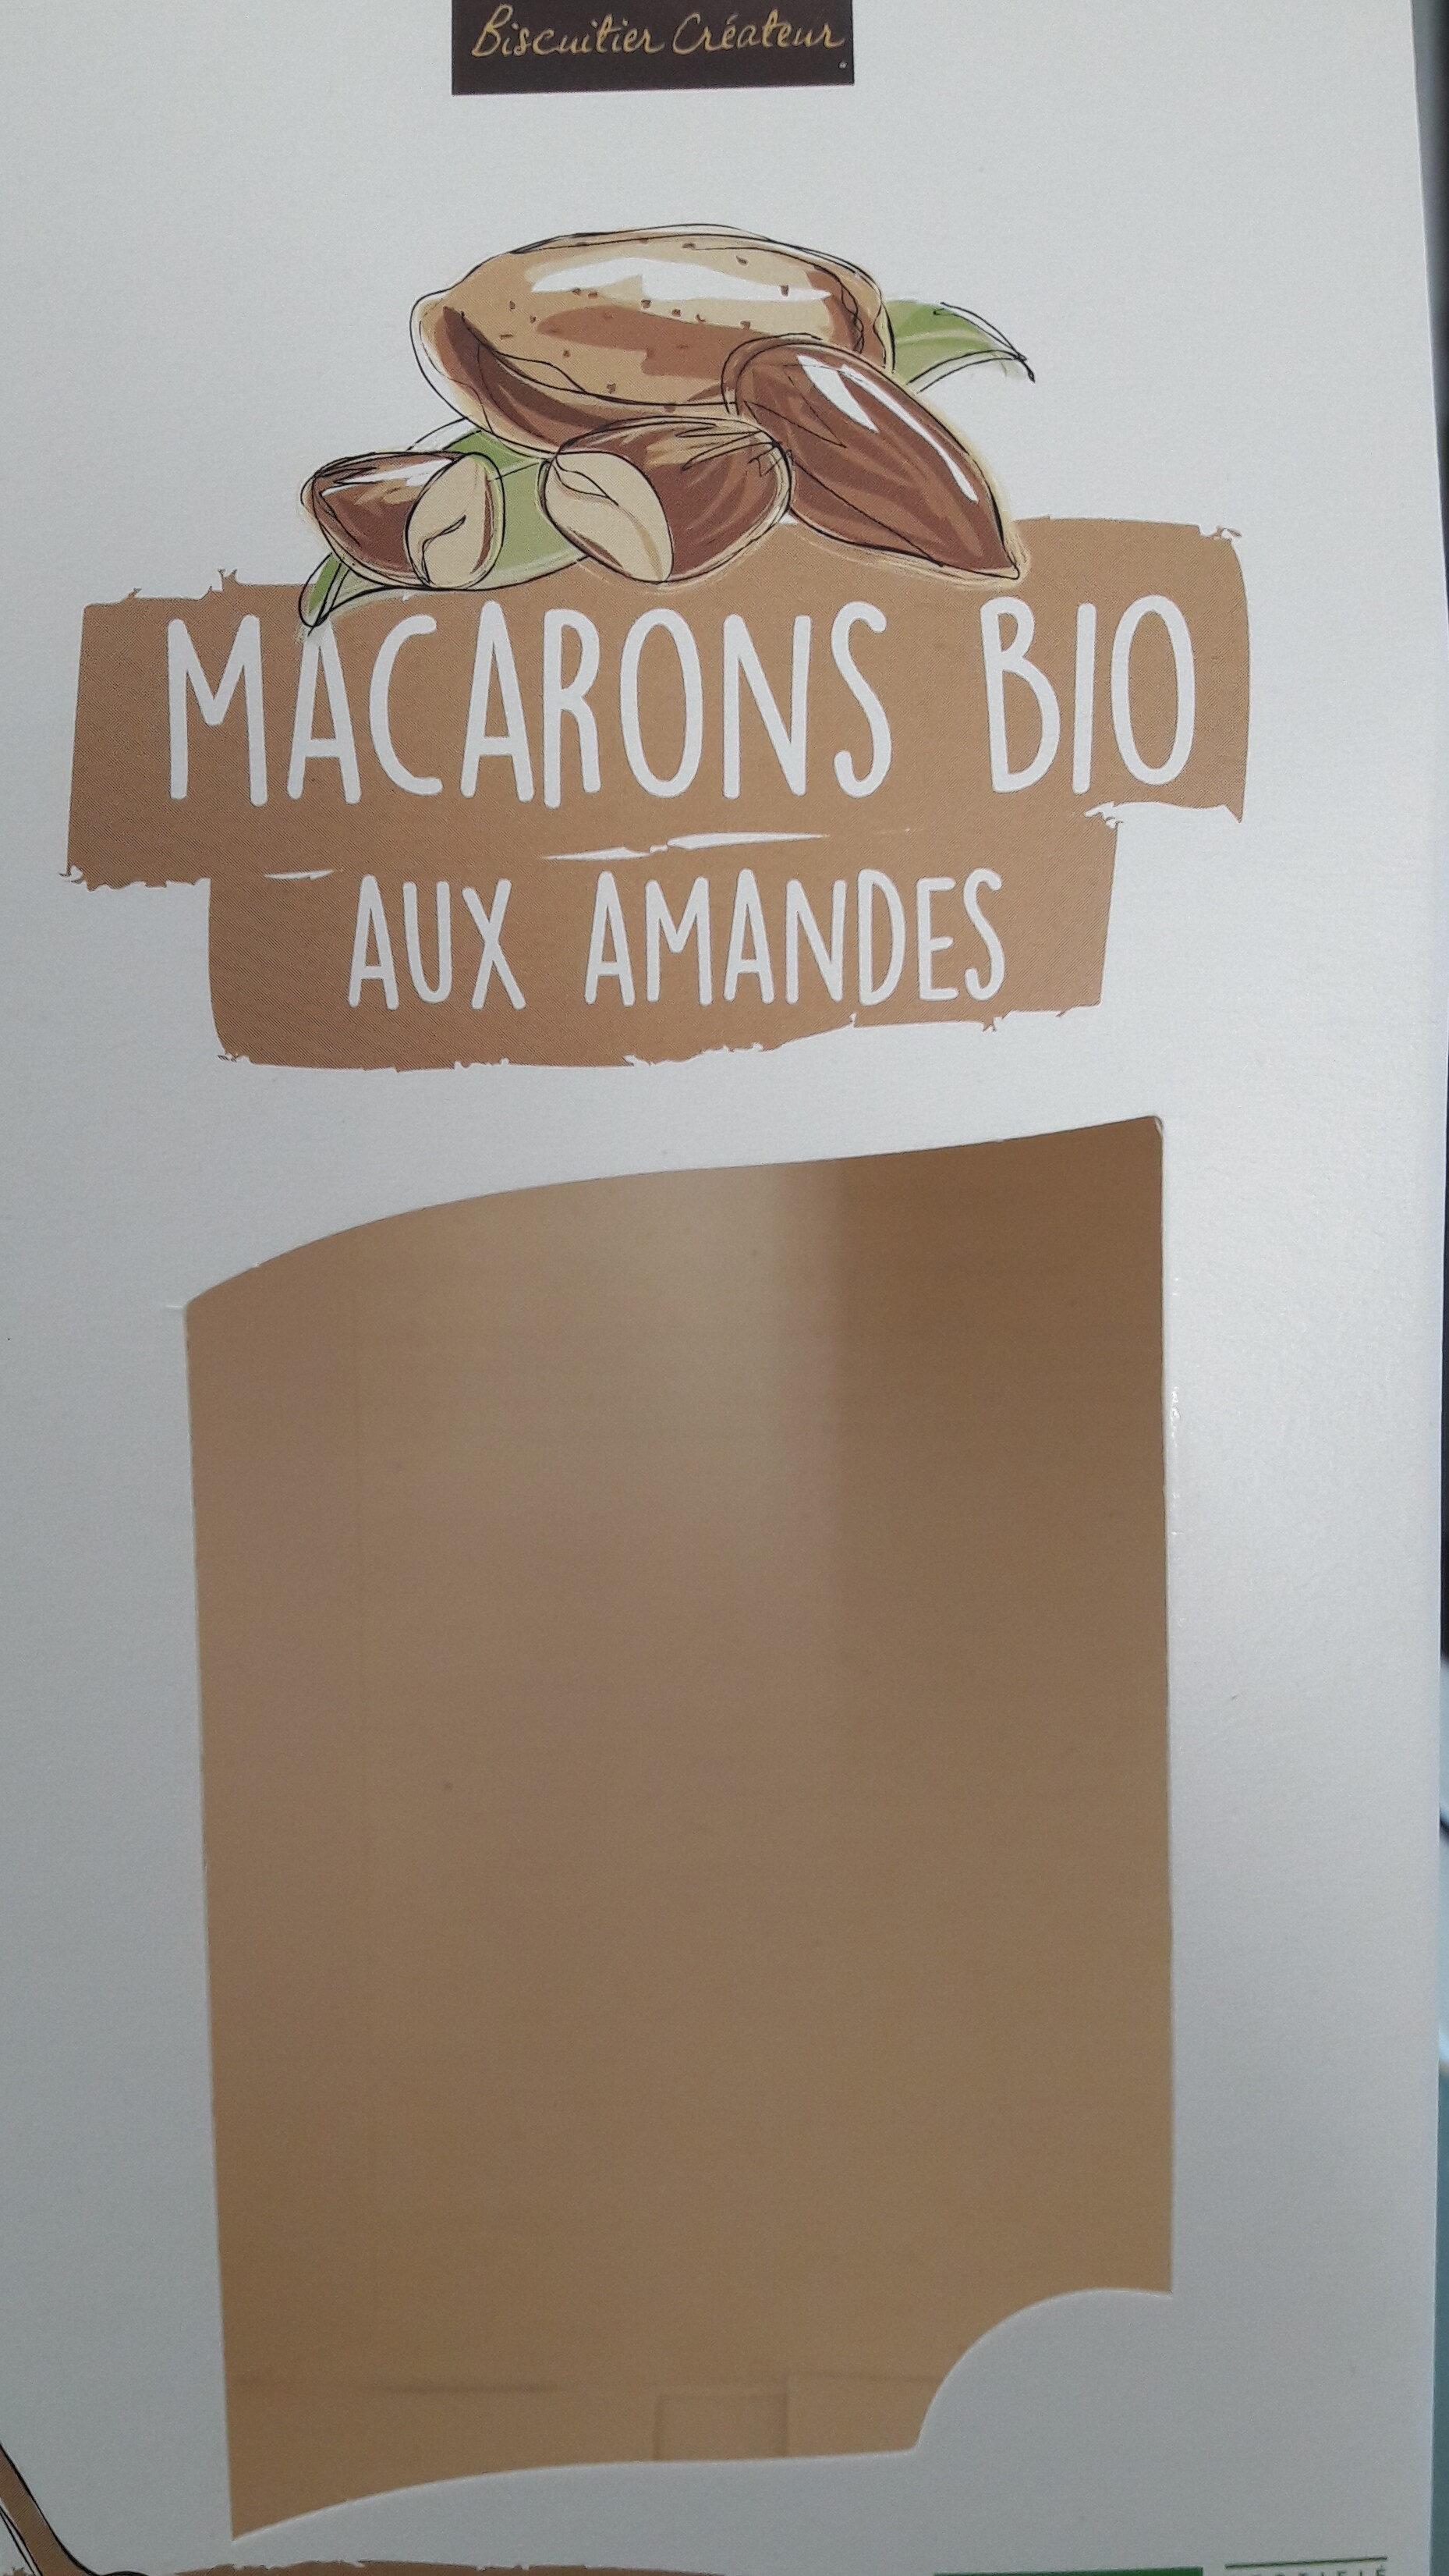 Macarons bio aux amandes - Produit - fr